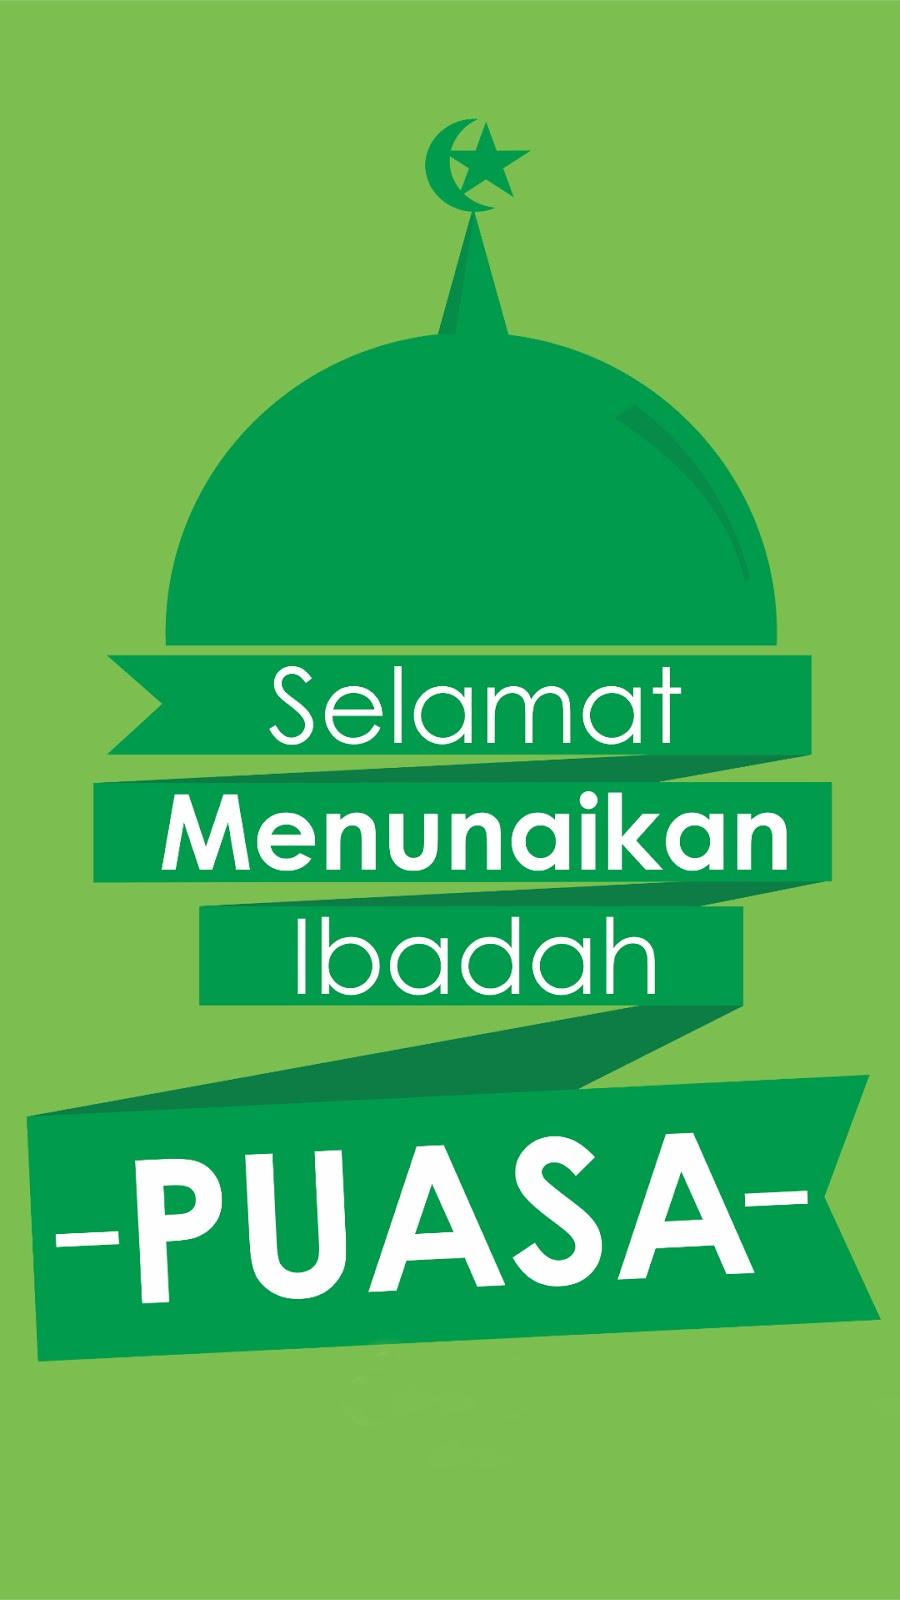 Wallpaper Ramadhan Keren Untuk HP Ukuran HD selaman menuaikan ibadah puasa